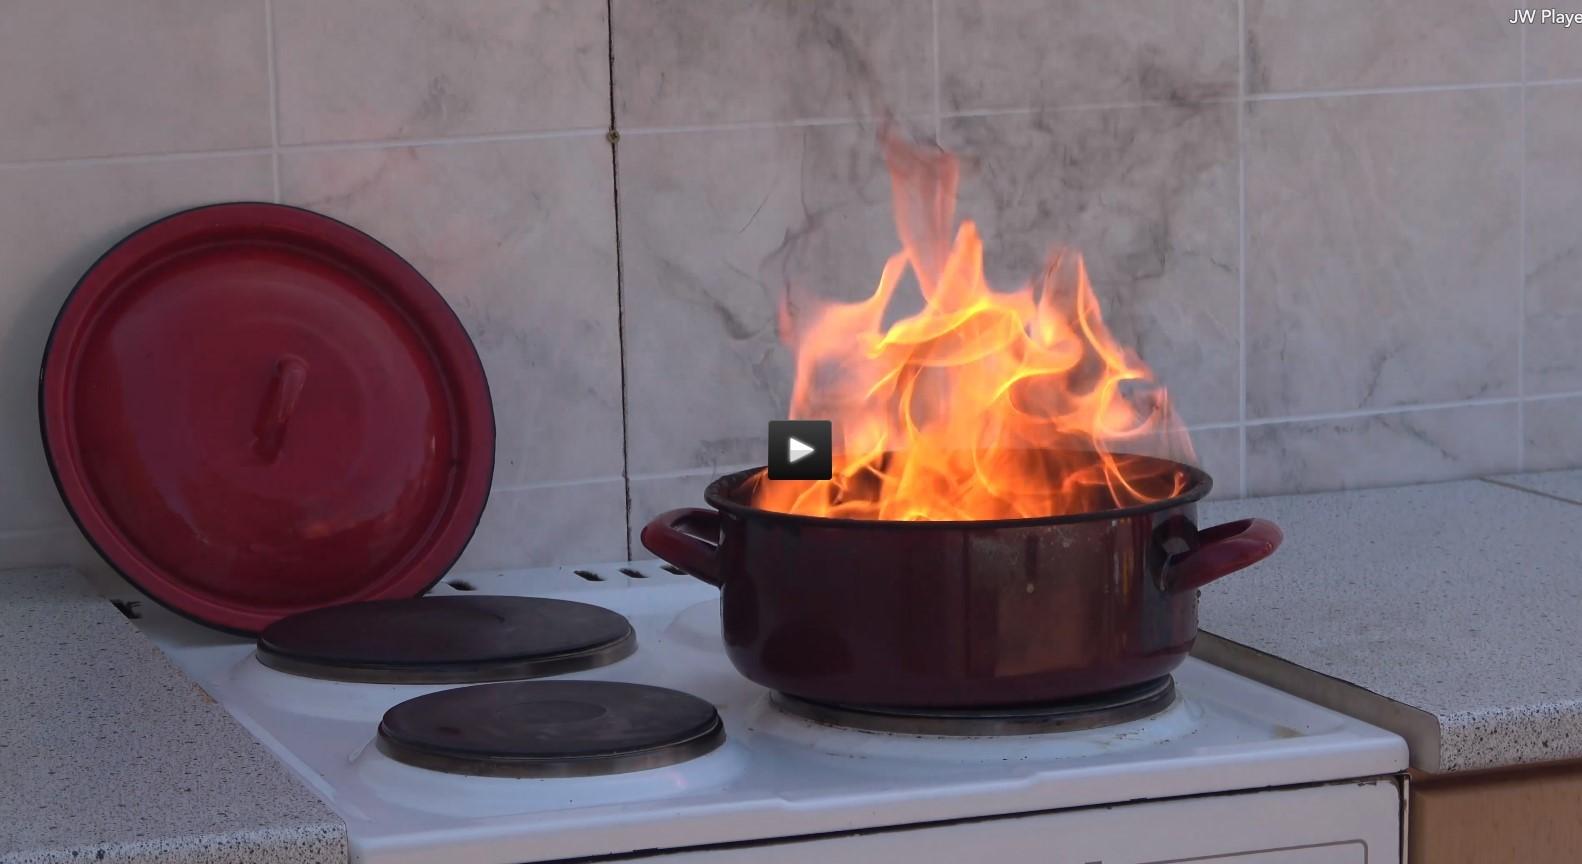 Konyhatüzek megelőzése című videó előképe